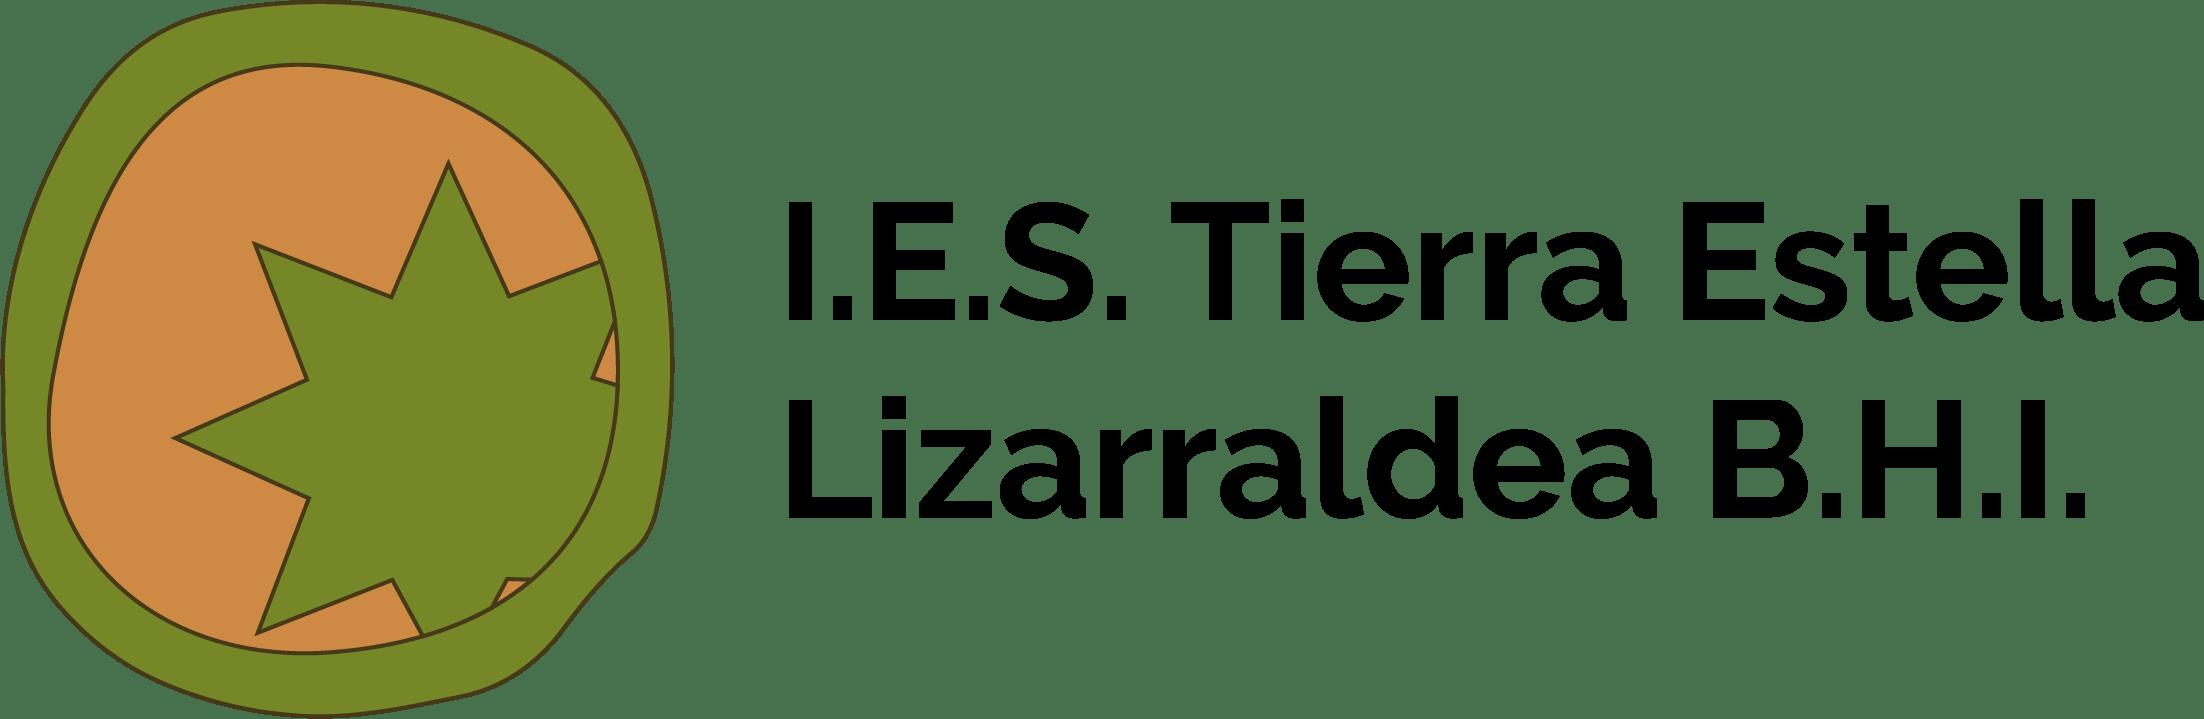 íes Tierra Estella diseño de logotipo, diseño de branding, diseño de página web, el estudio verde, lizarraldea bhi